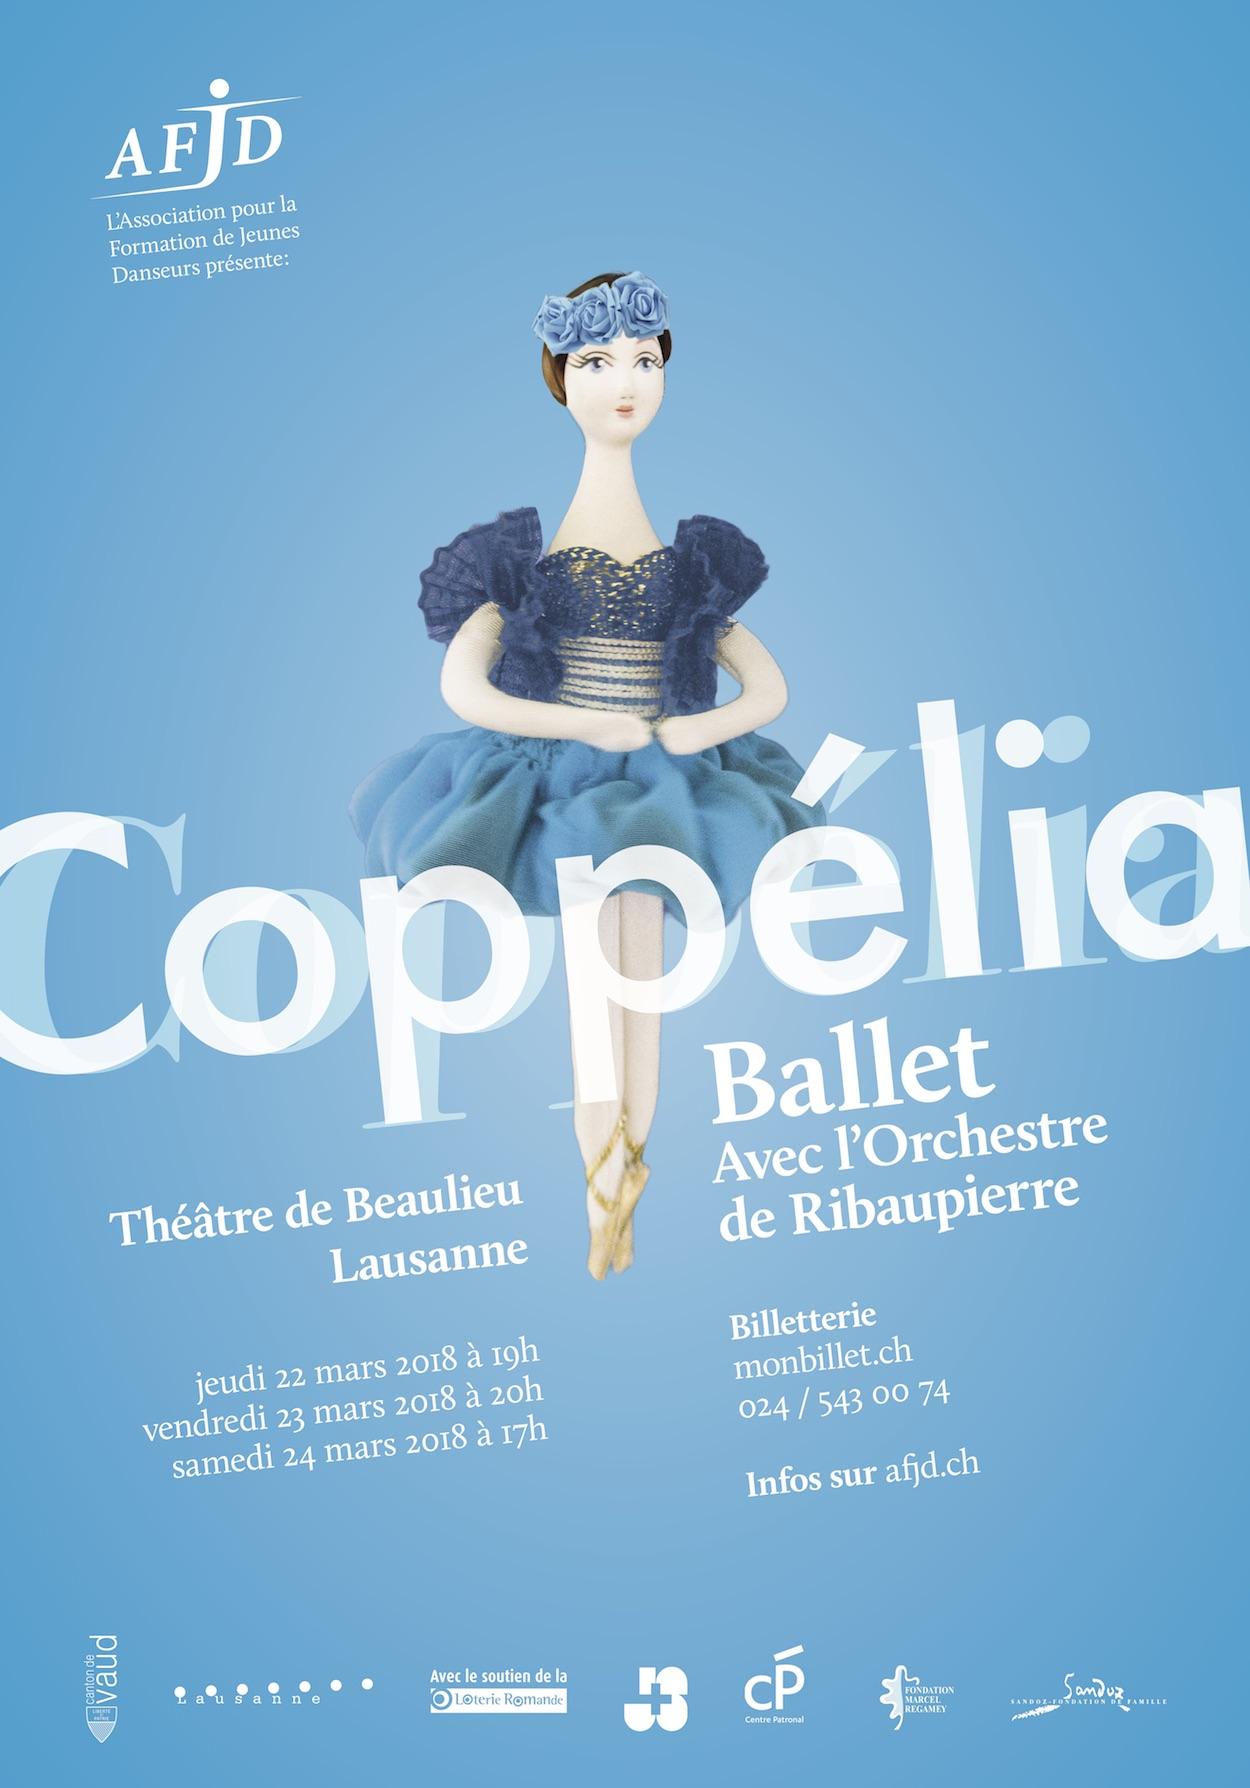 Orchestre de Ribaupierre - Coppélia